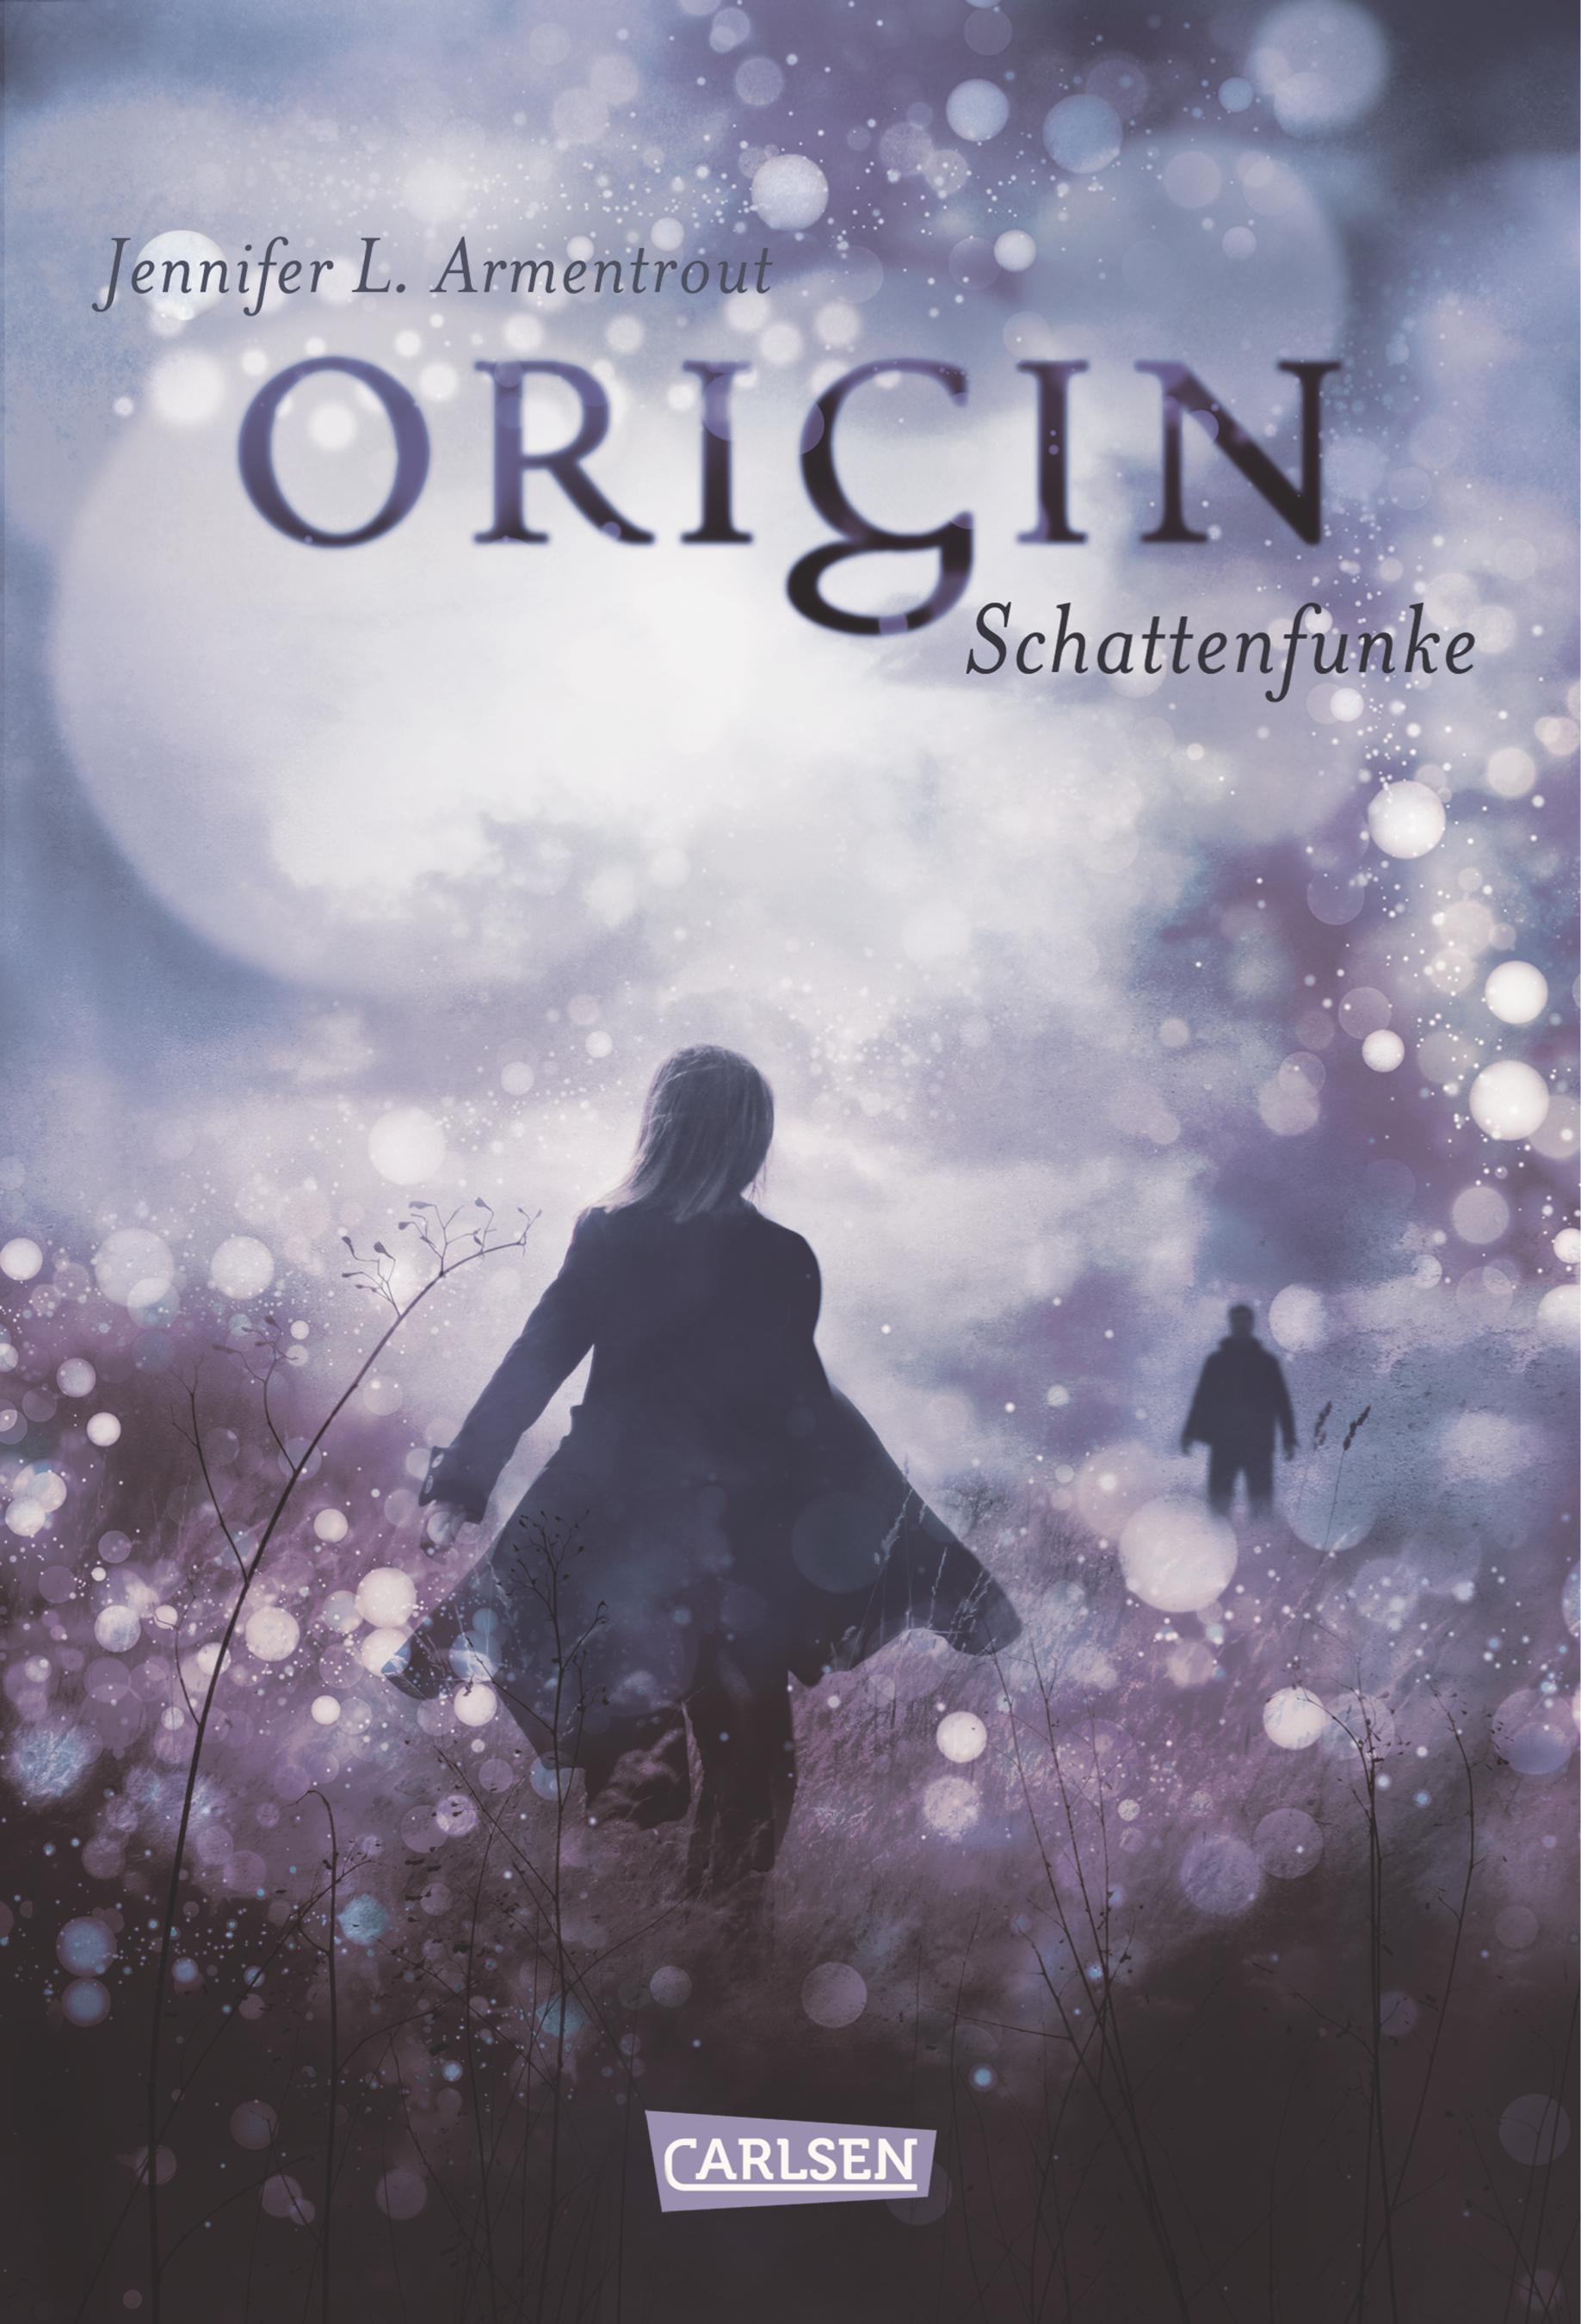 Obsidian: Band 4 - Origin - Schattenfunke - Jennifer L. Armentrout